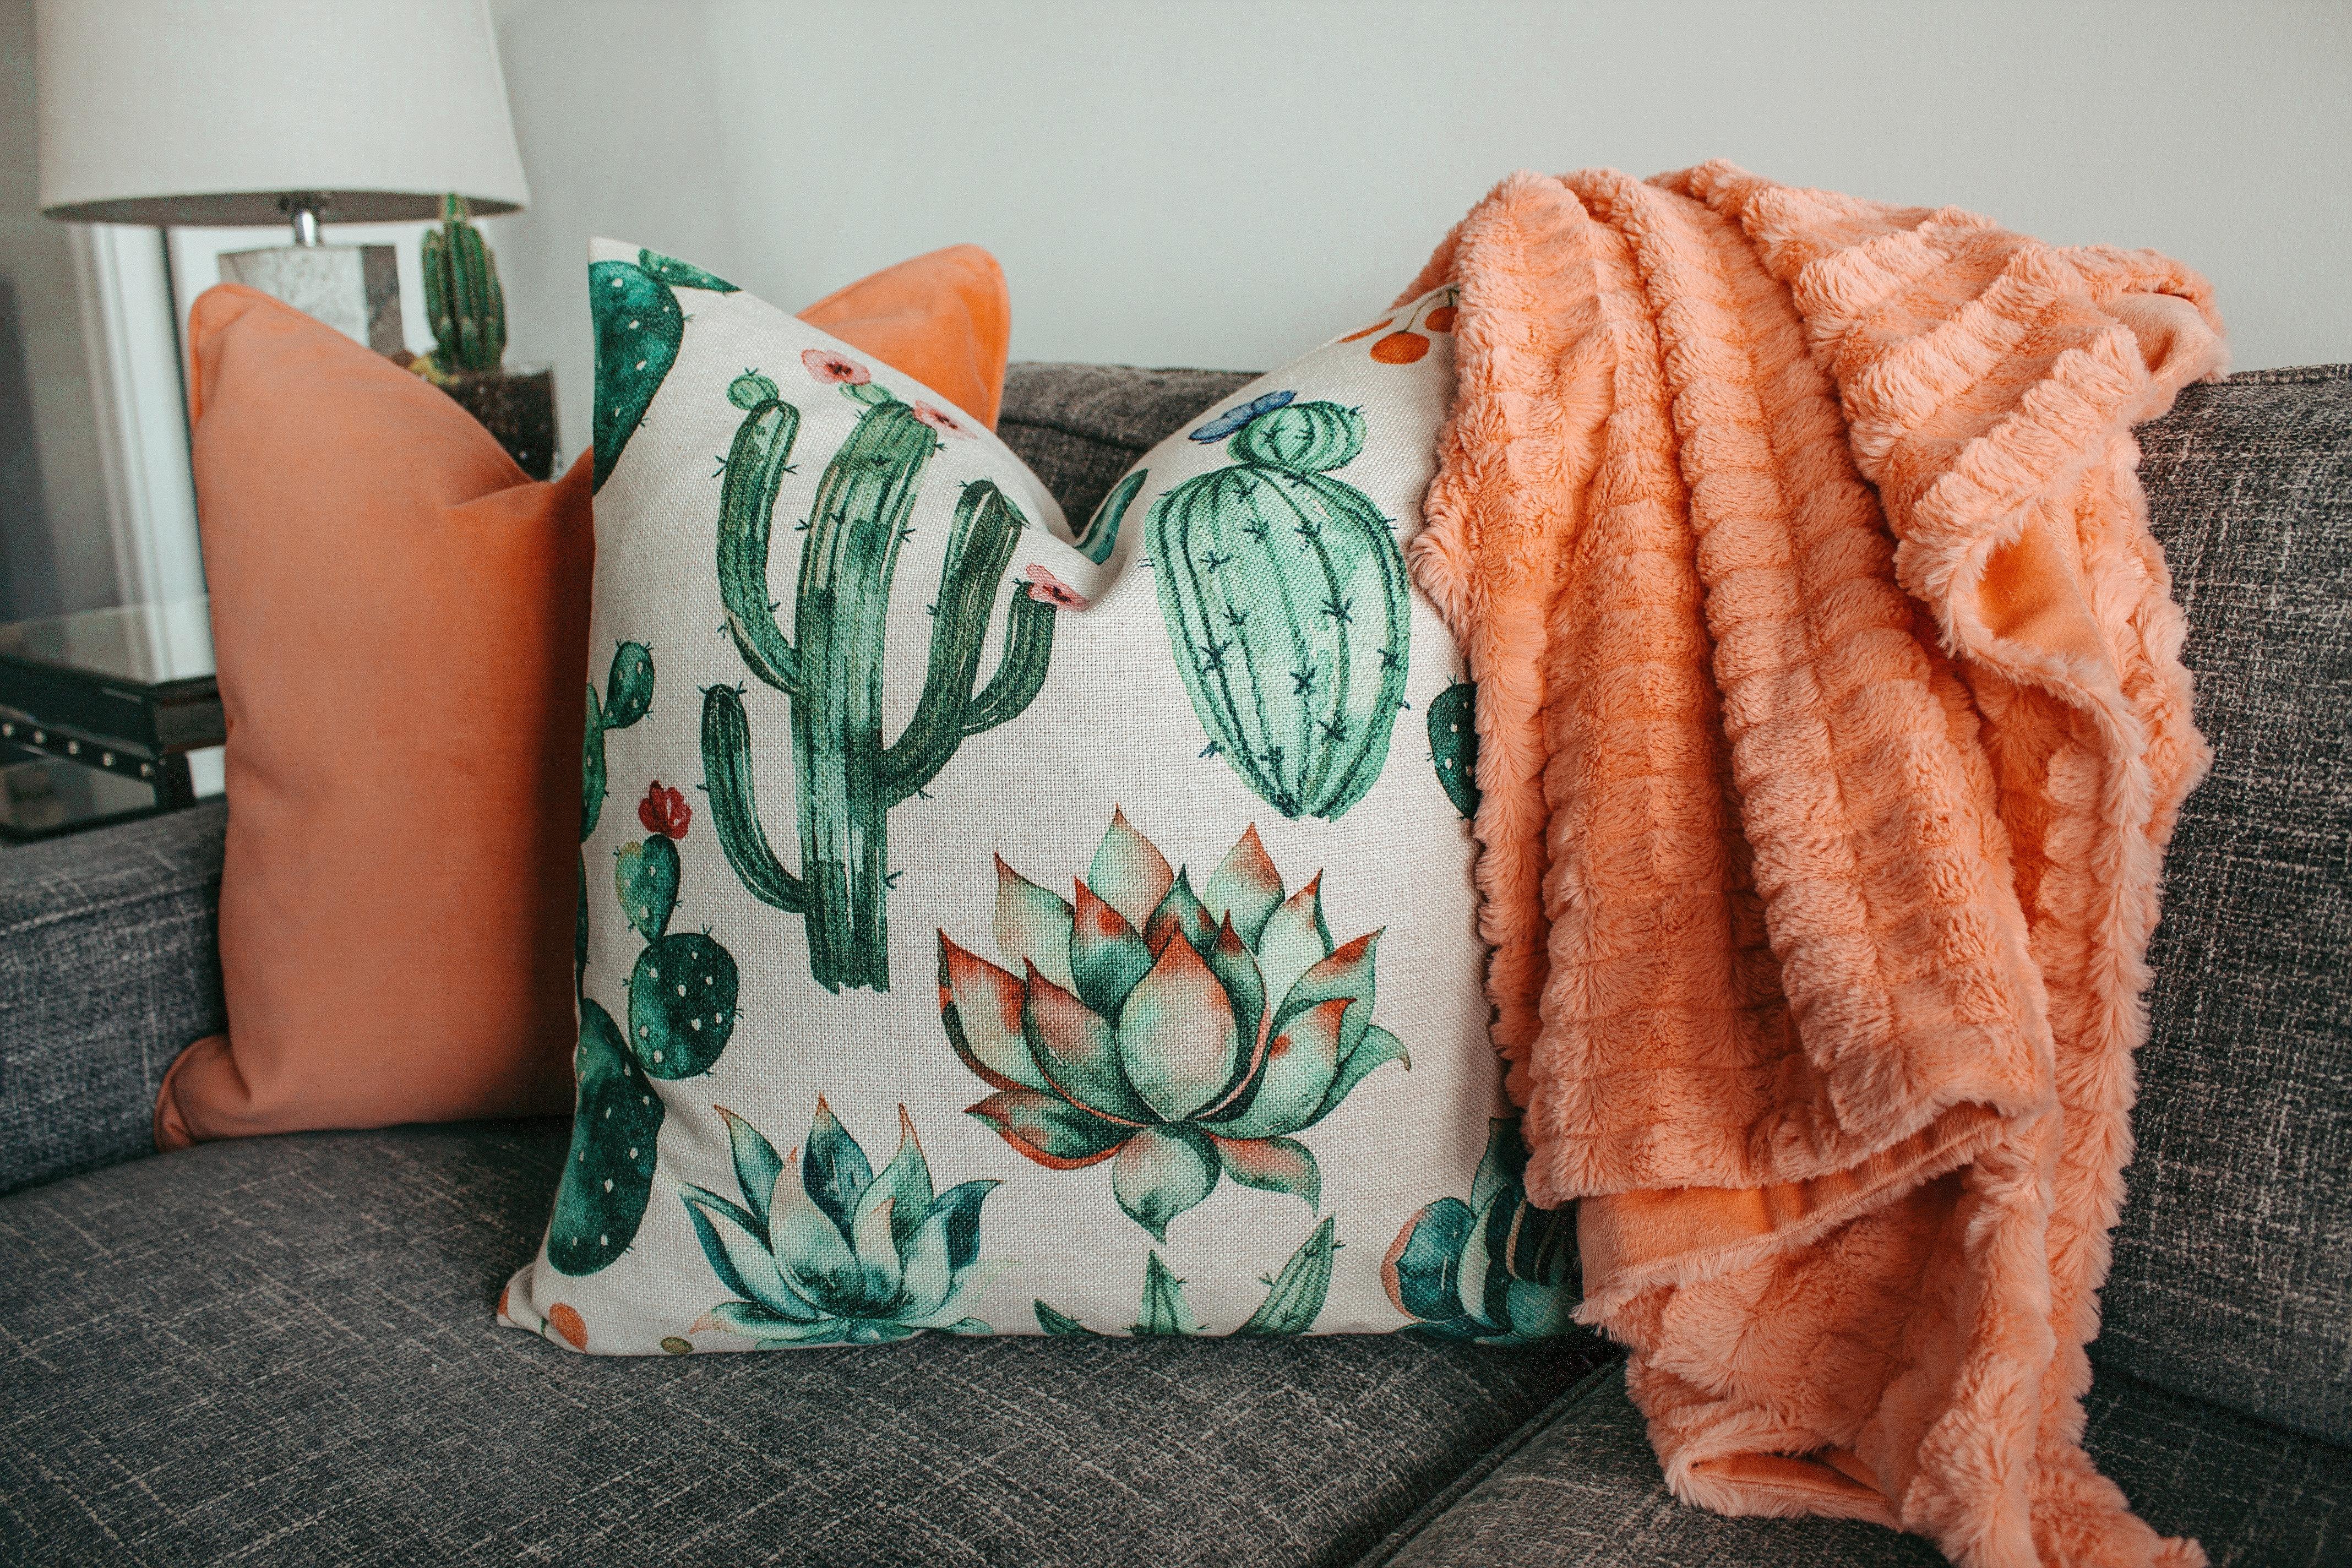 76c34f34810c Free Images   cactus plant